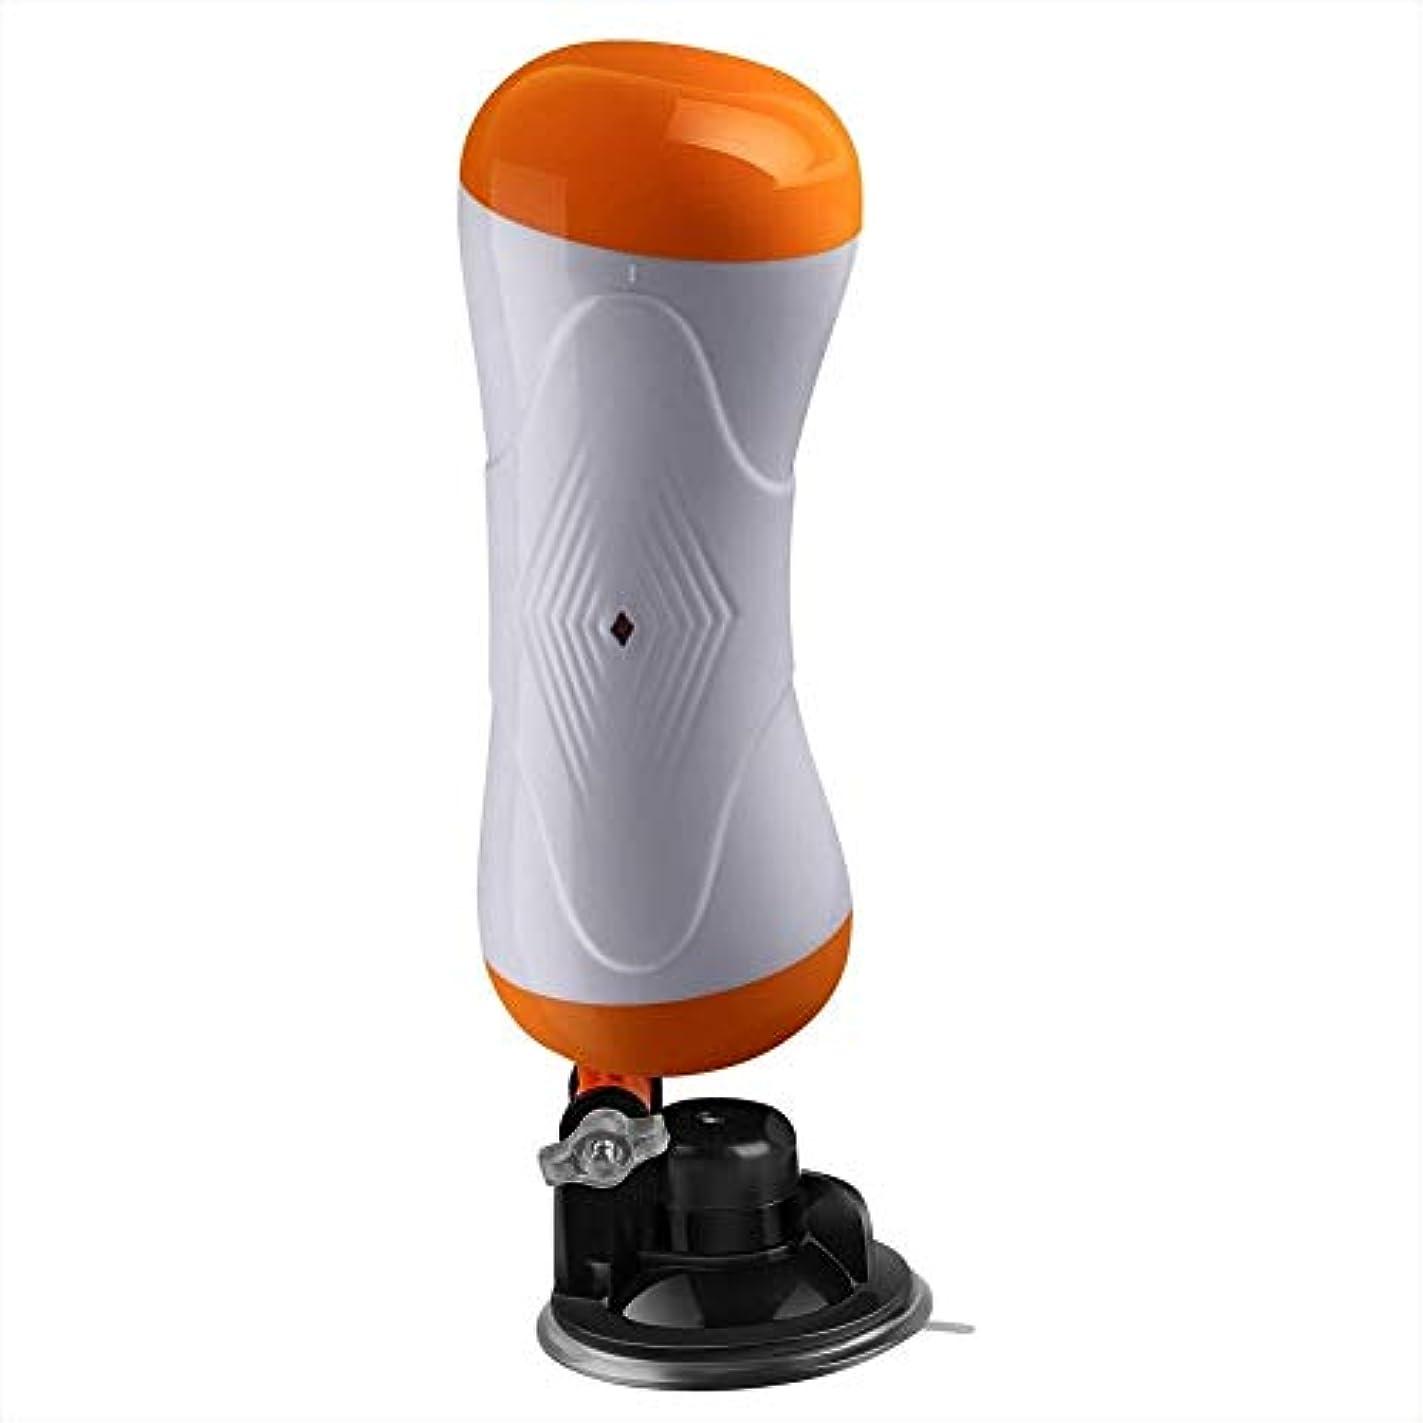 温度送信するビデオLfsp シリカ振動マッサージおもちゃのカップホーム屋外のクリスマスプレゼントに吸着した男性マッサージハンズフリー2穴 (Color : -, Size : -)